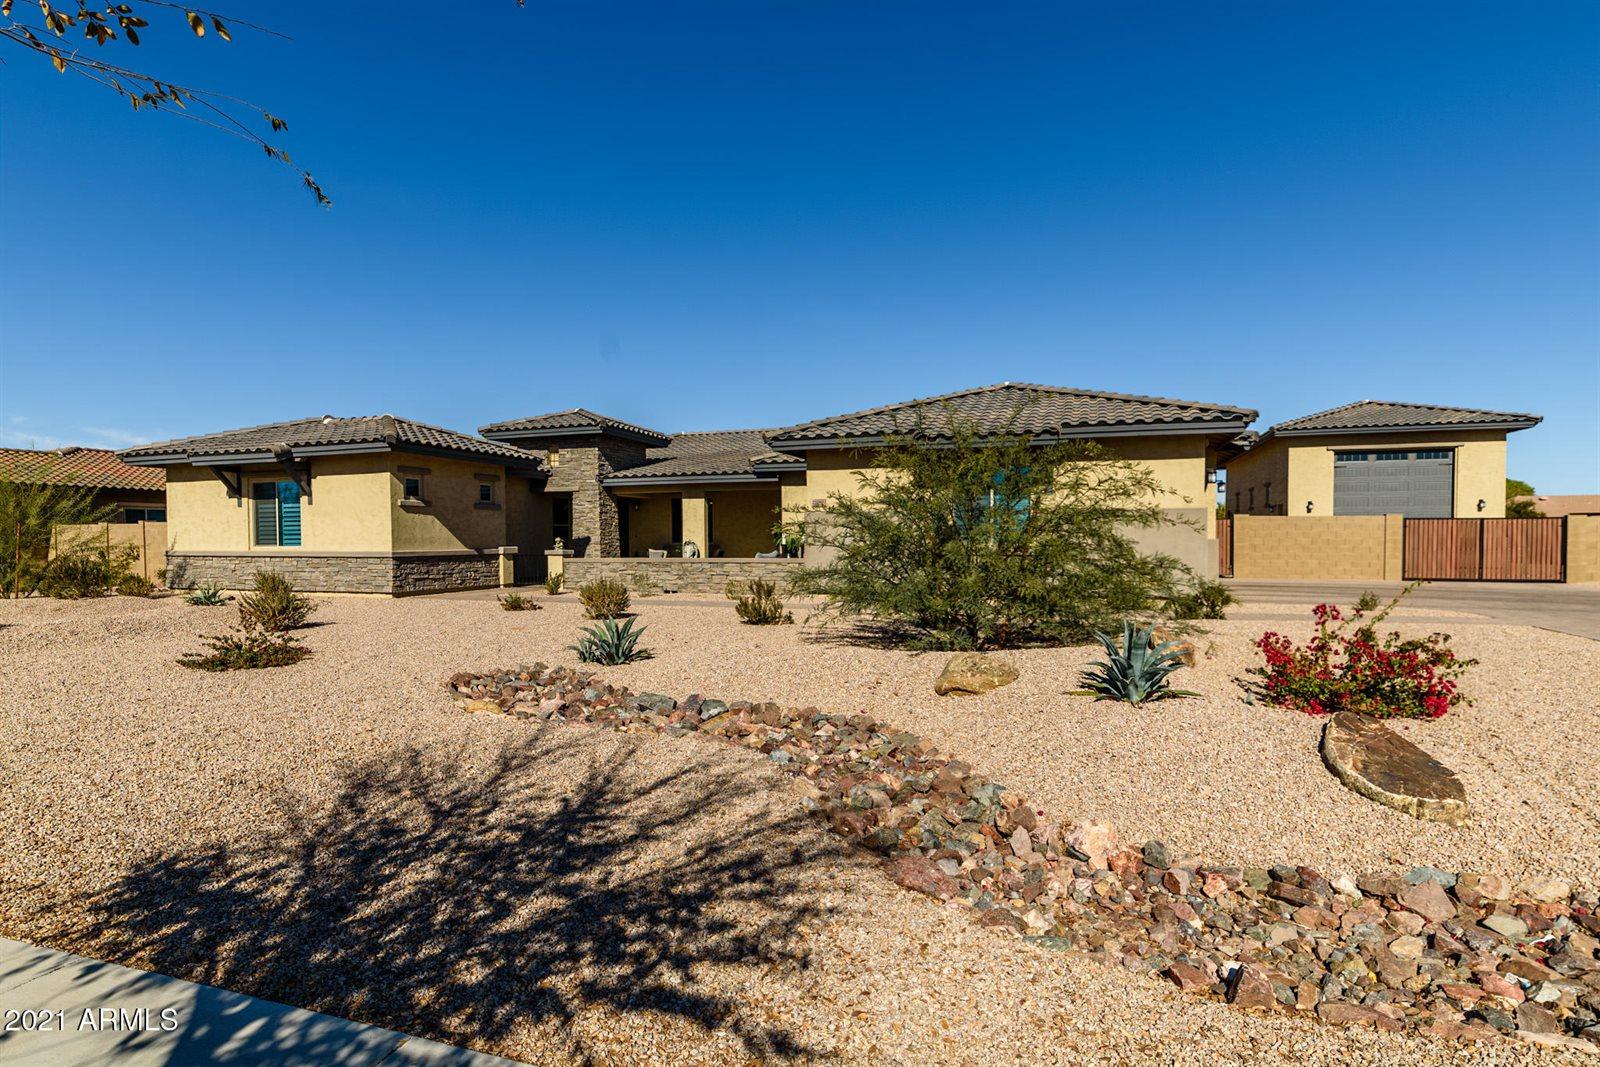 21088 East Aquarius Way, Queen Creek, AZ 85142